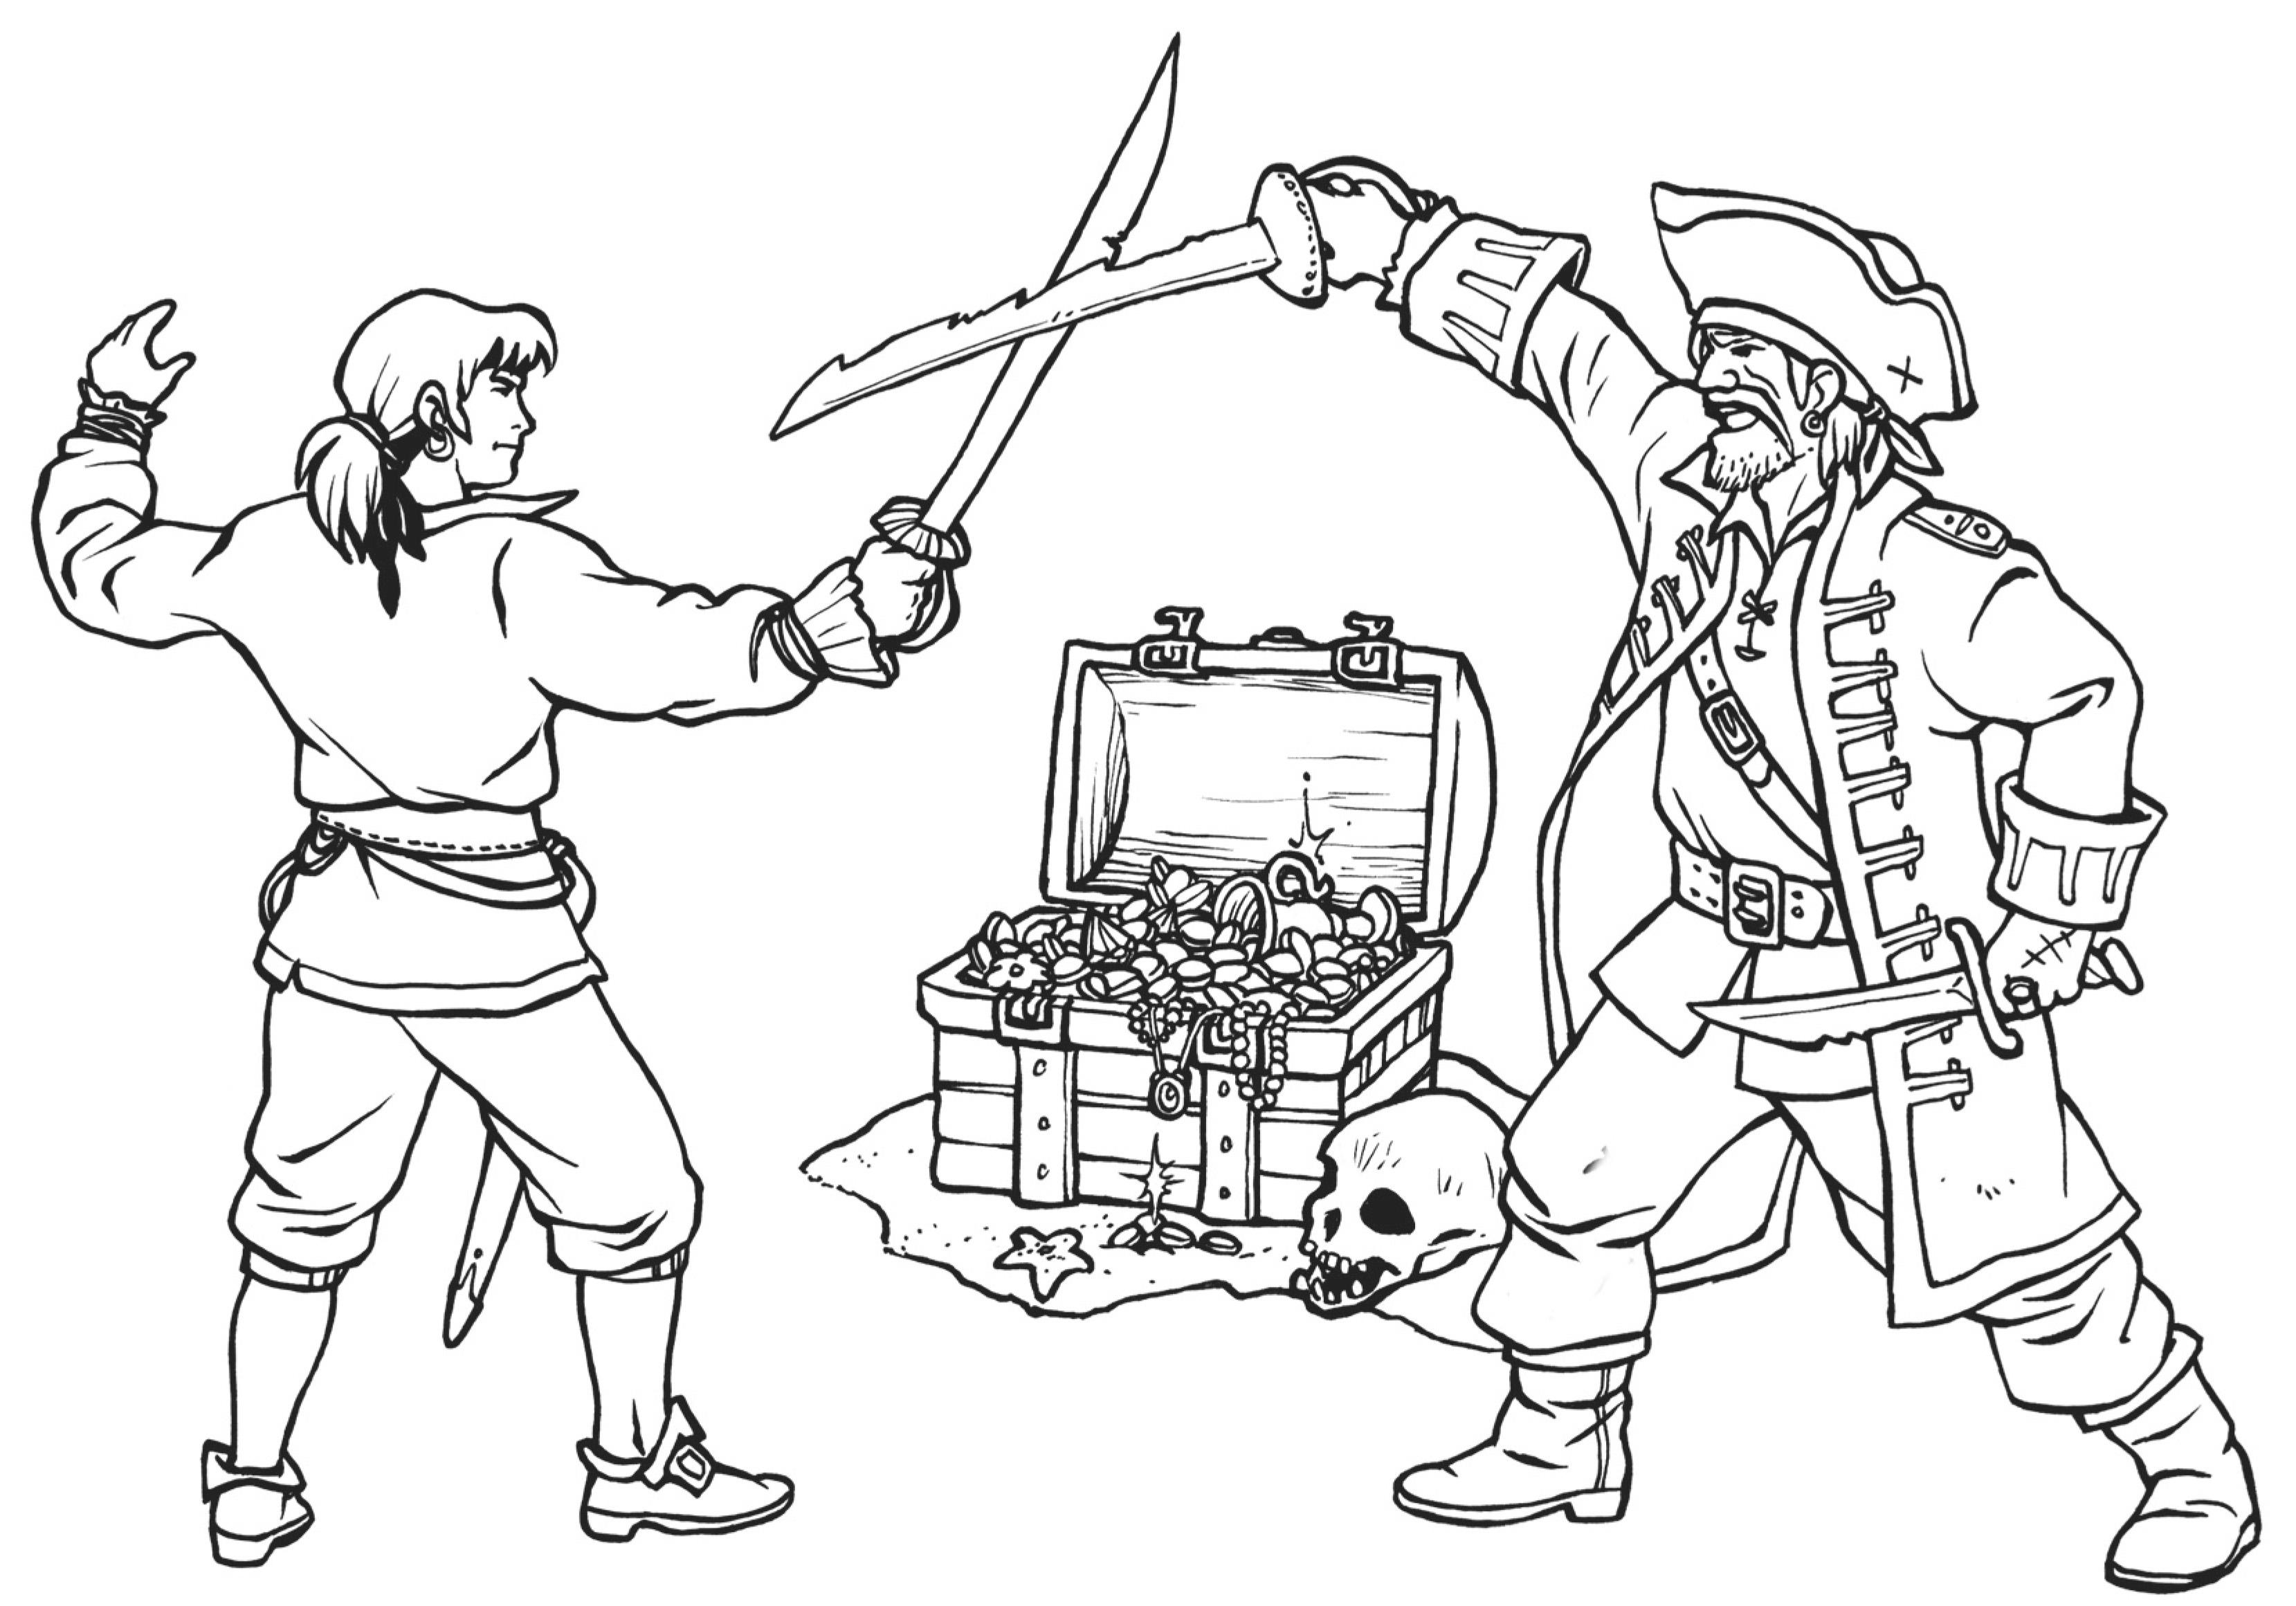 MyToys_Malvorlagen_Maerchen_Piraten myToys-Blog